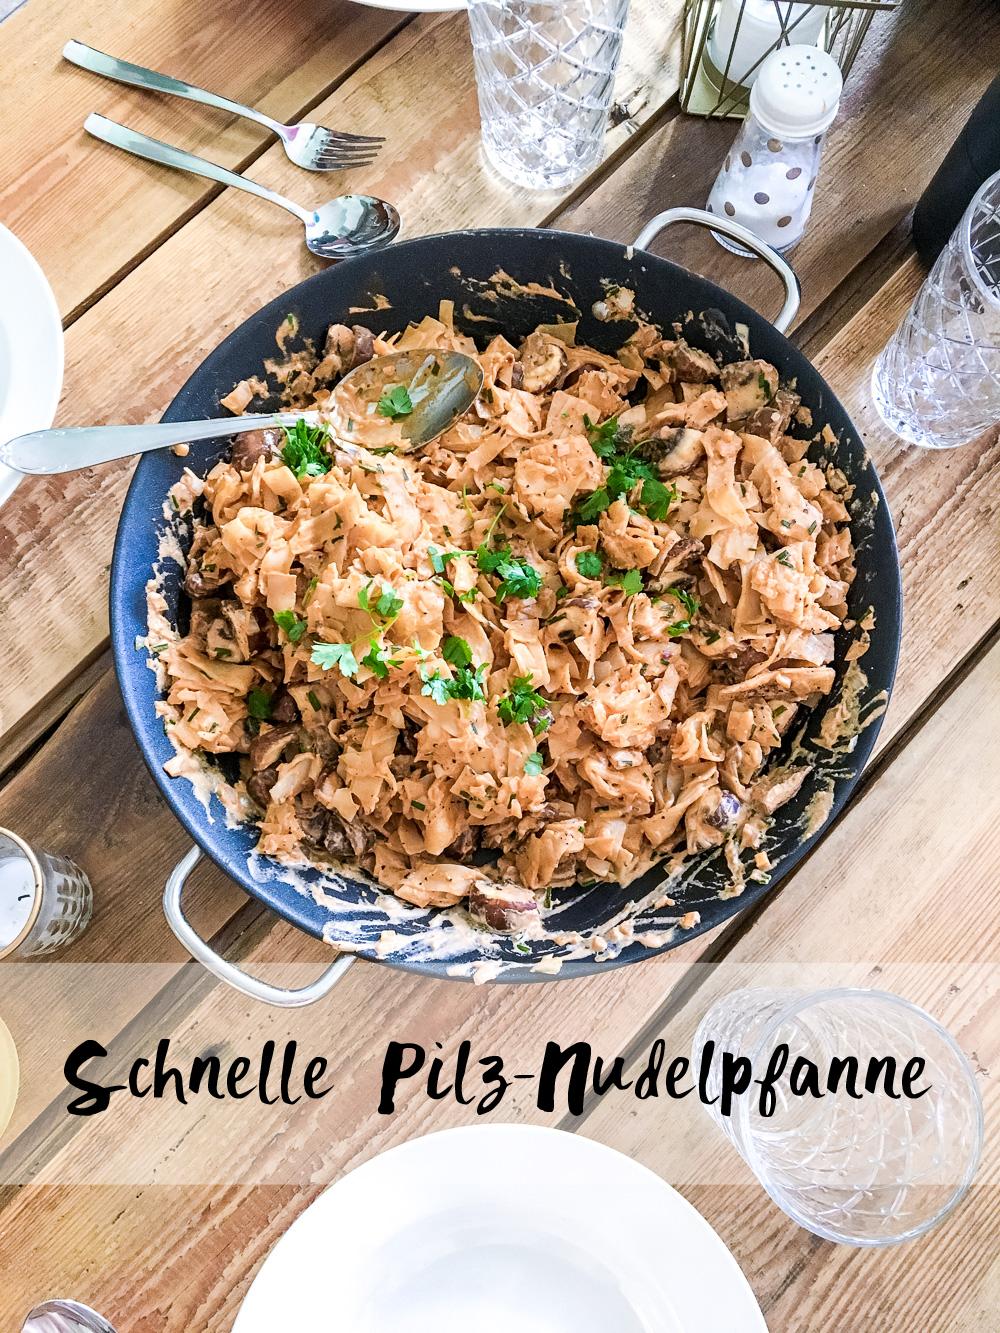 Schnelle Pilz-Nudelpfanne